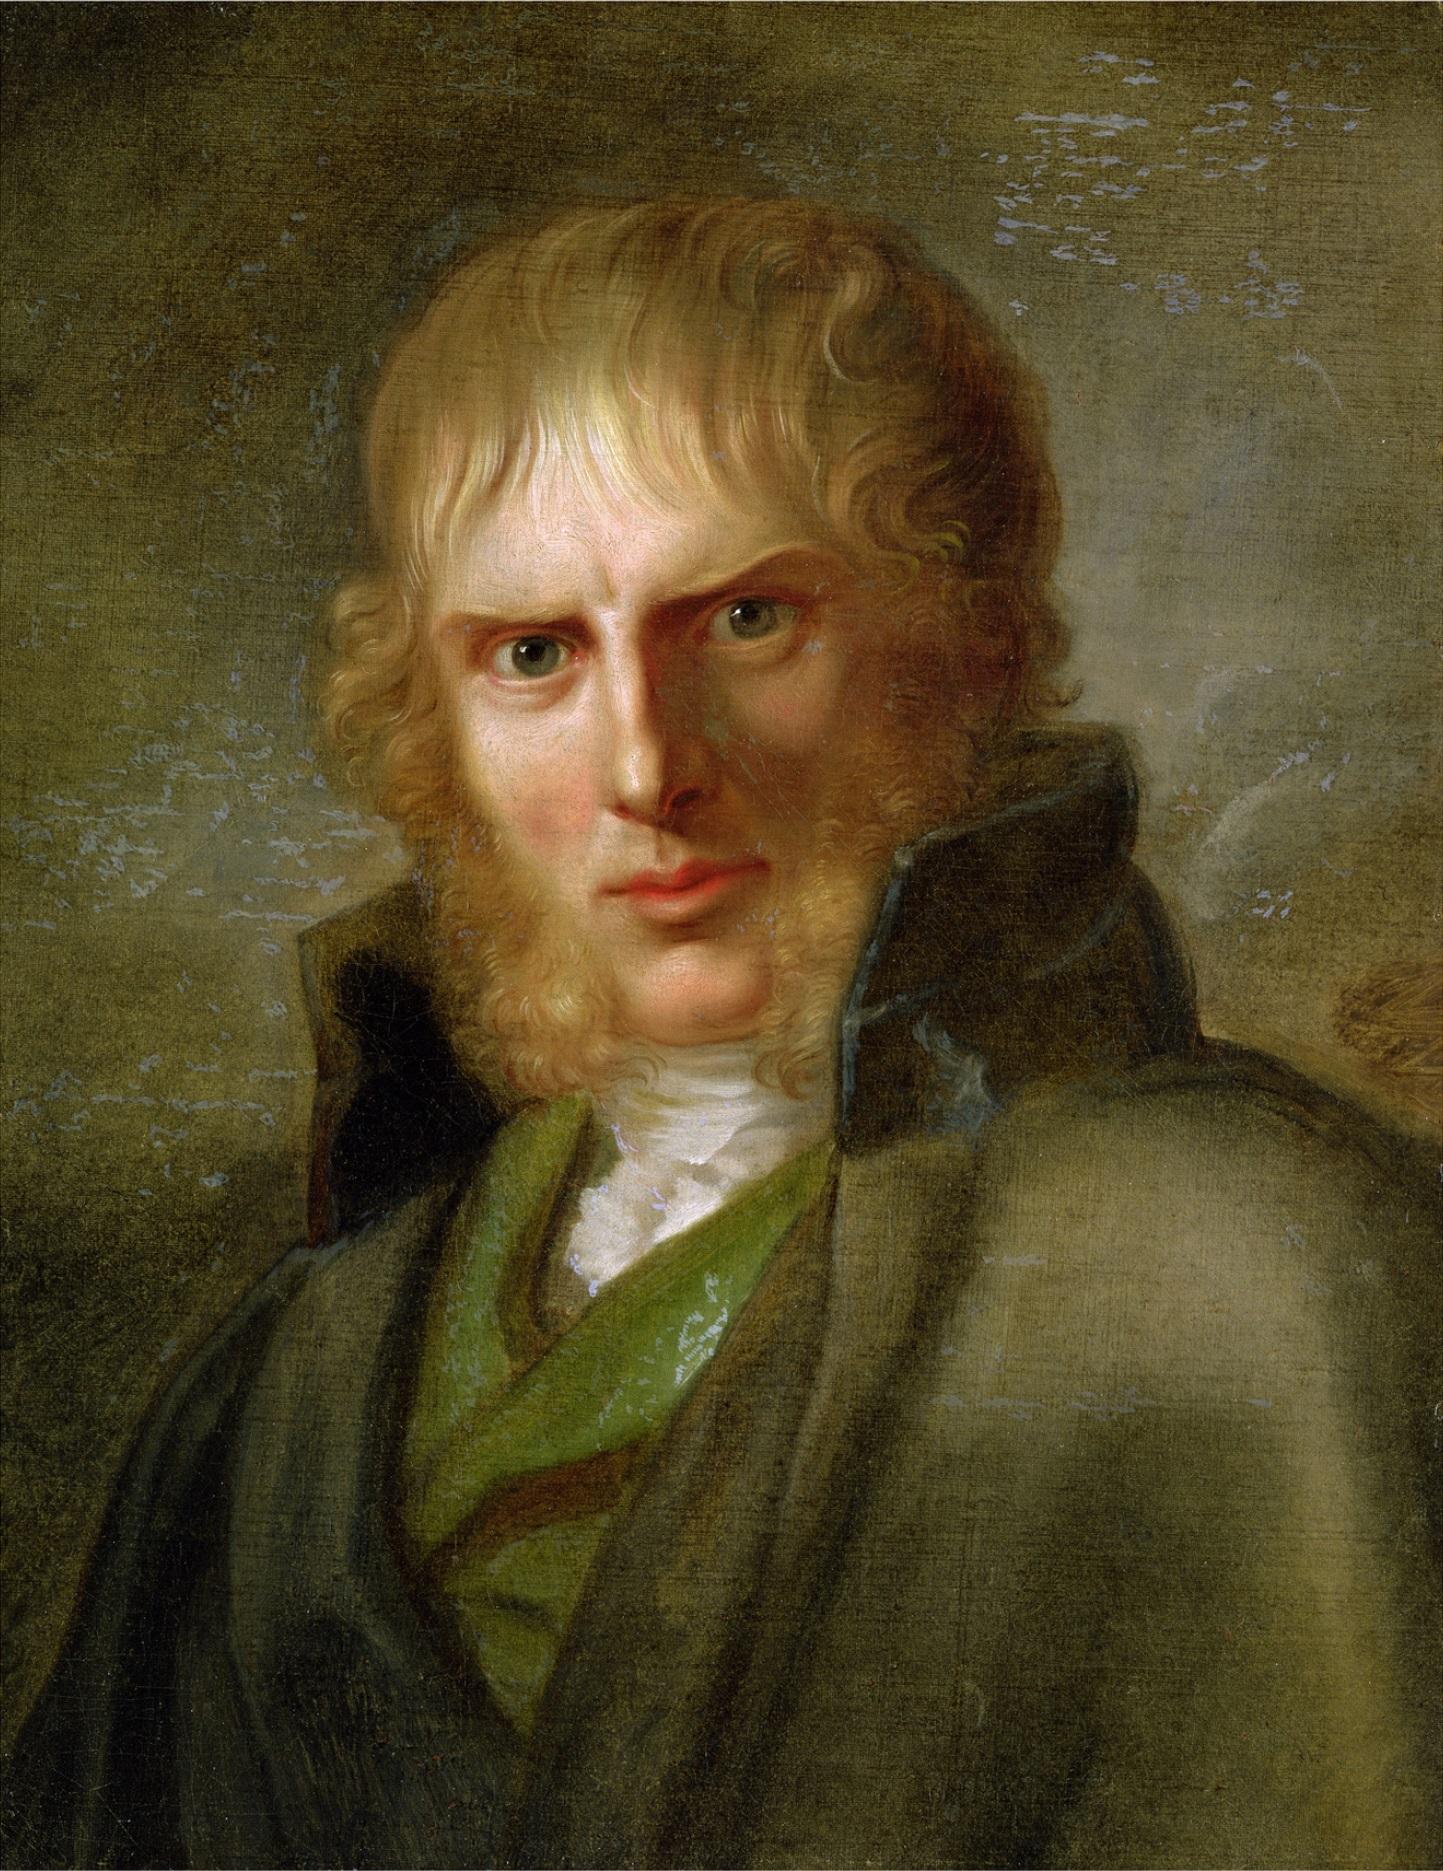 Portrait de Caspar David Friedrich par Gerhard von Kügelgen entre 1810-1820